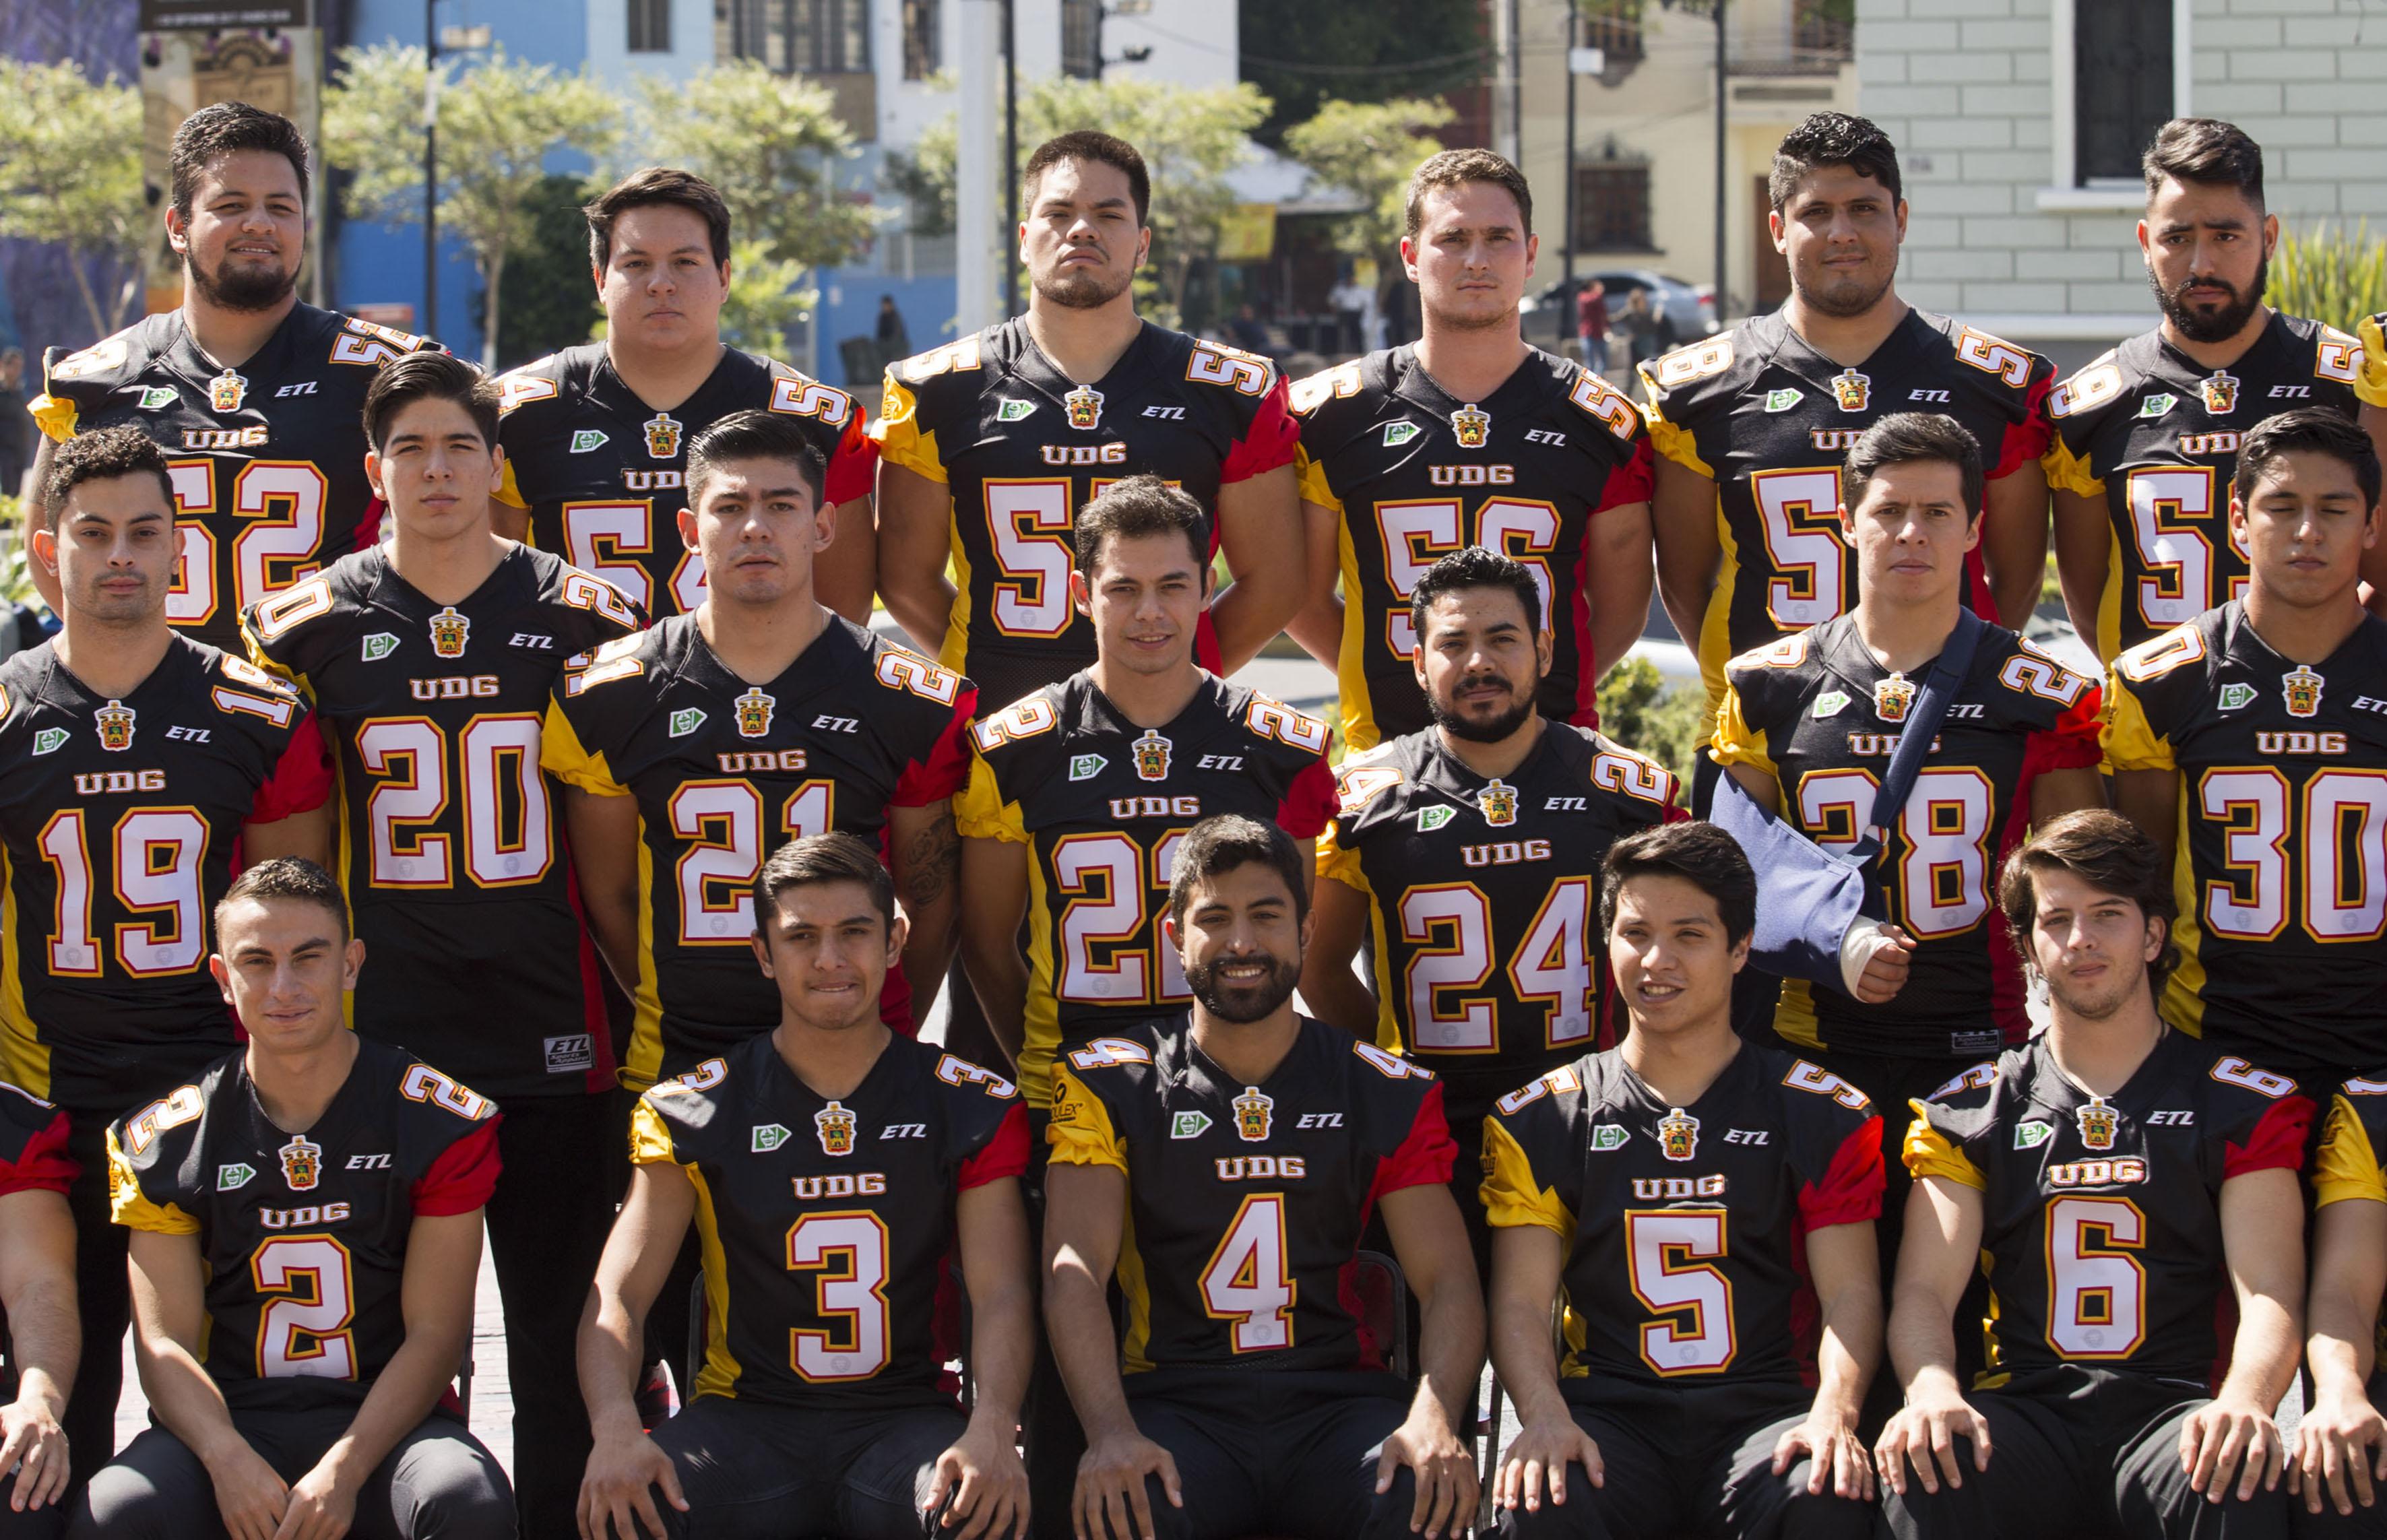 Fotografía oficial del equipo de los Leones Negros de la Universidad de Guadalajara